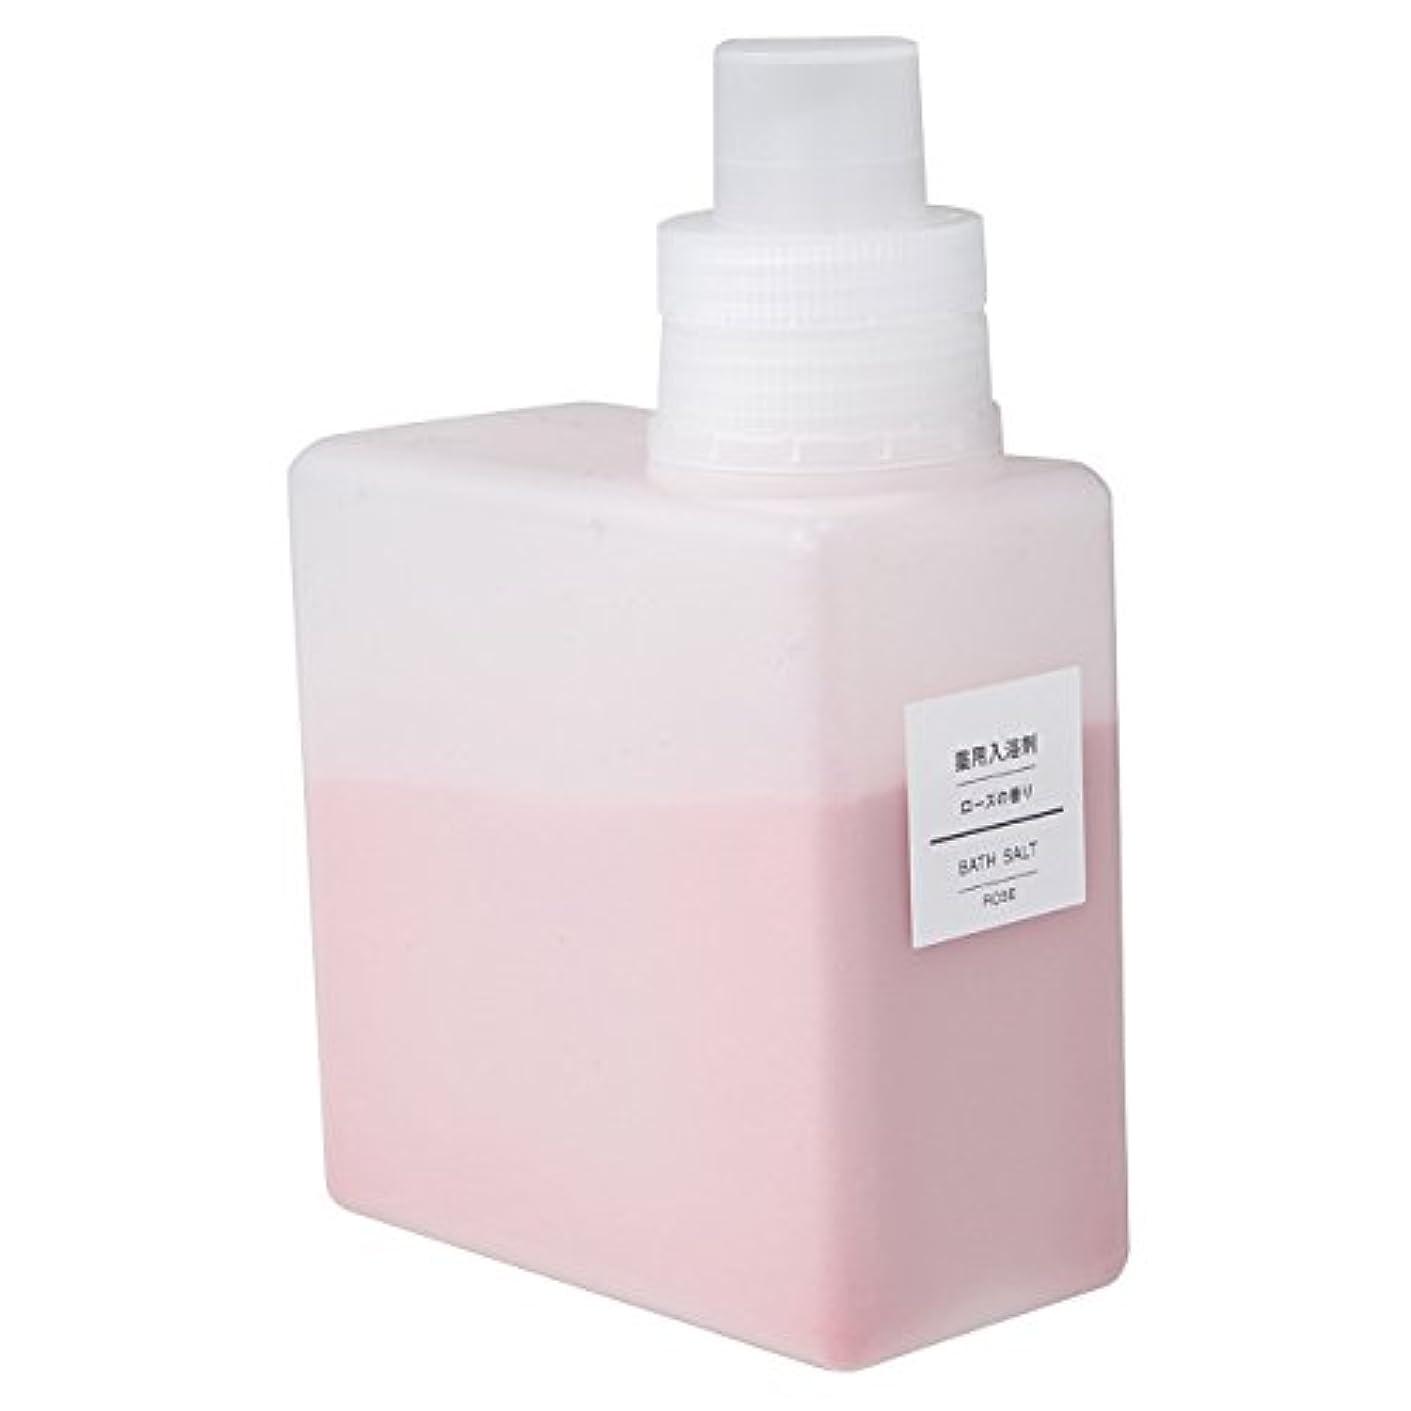 宗教素晴らしい進化無印良品 薬用入浴剤?ローズの香り (新)500g 日本製